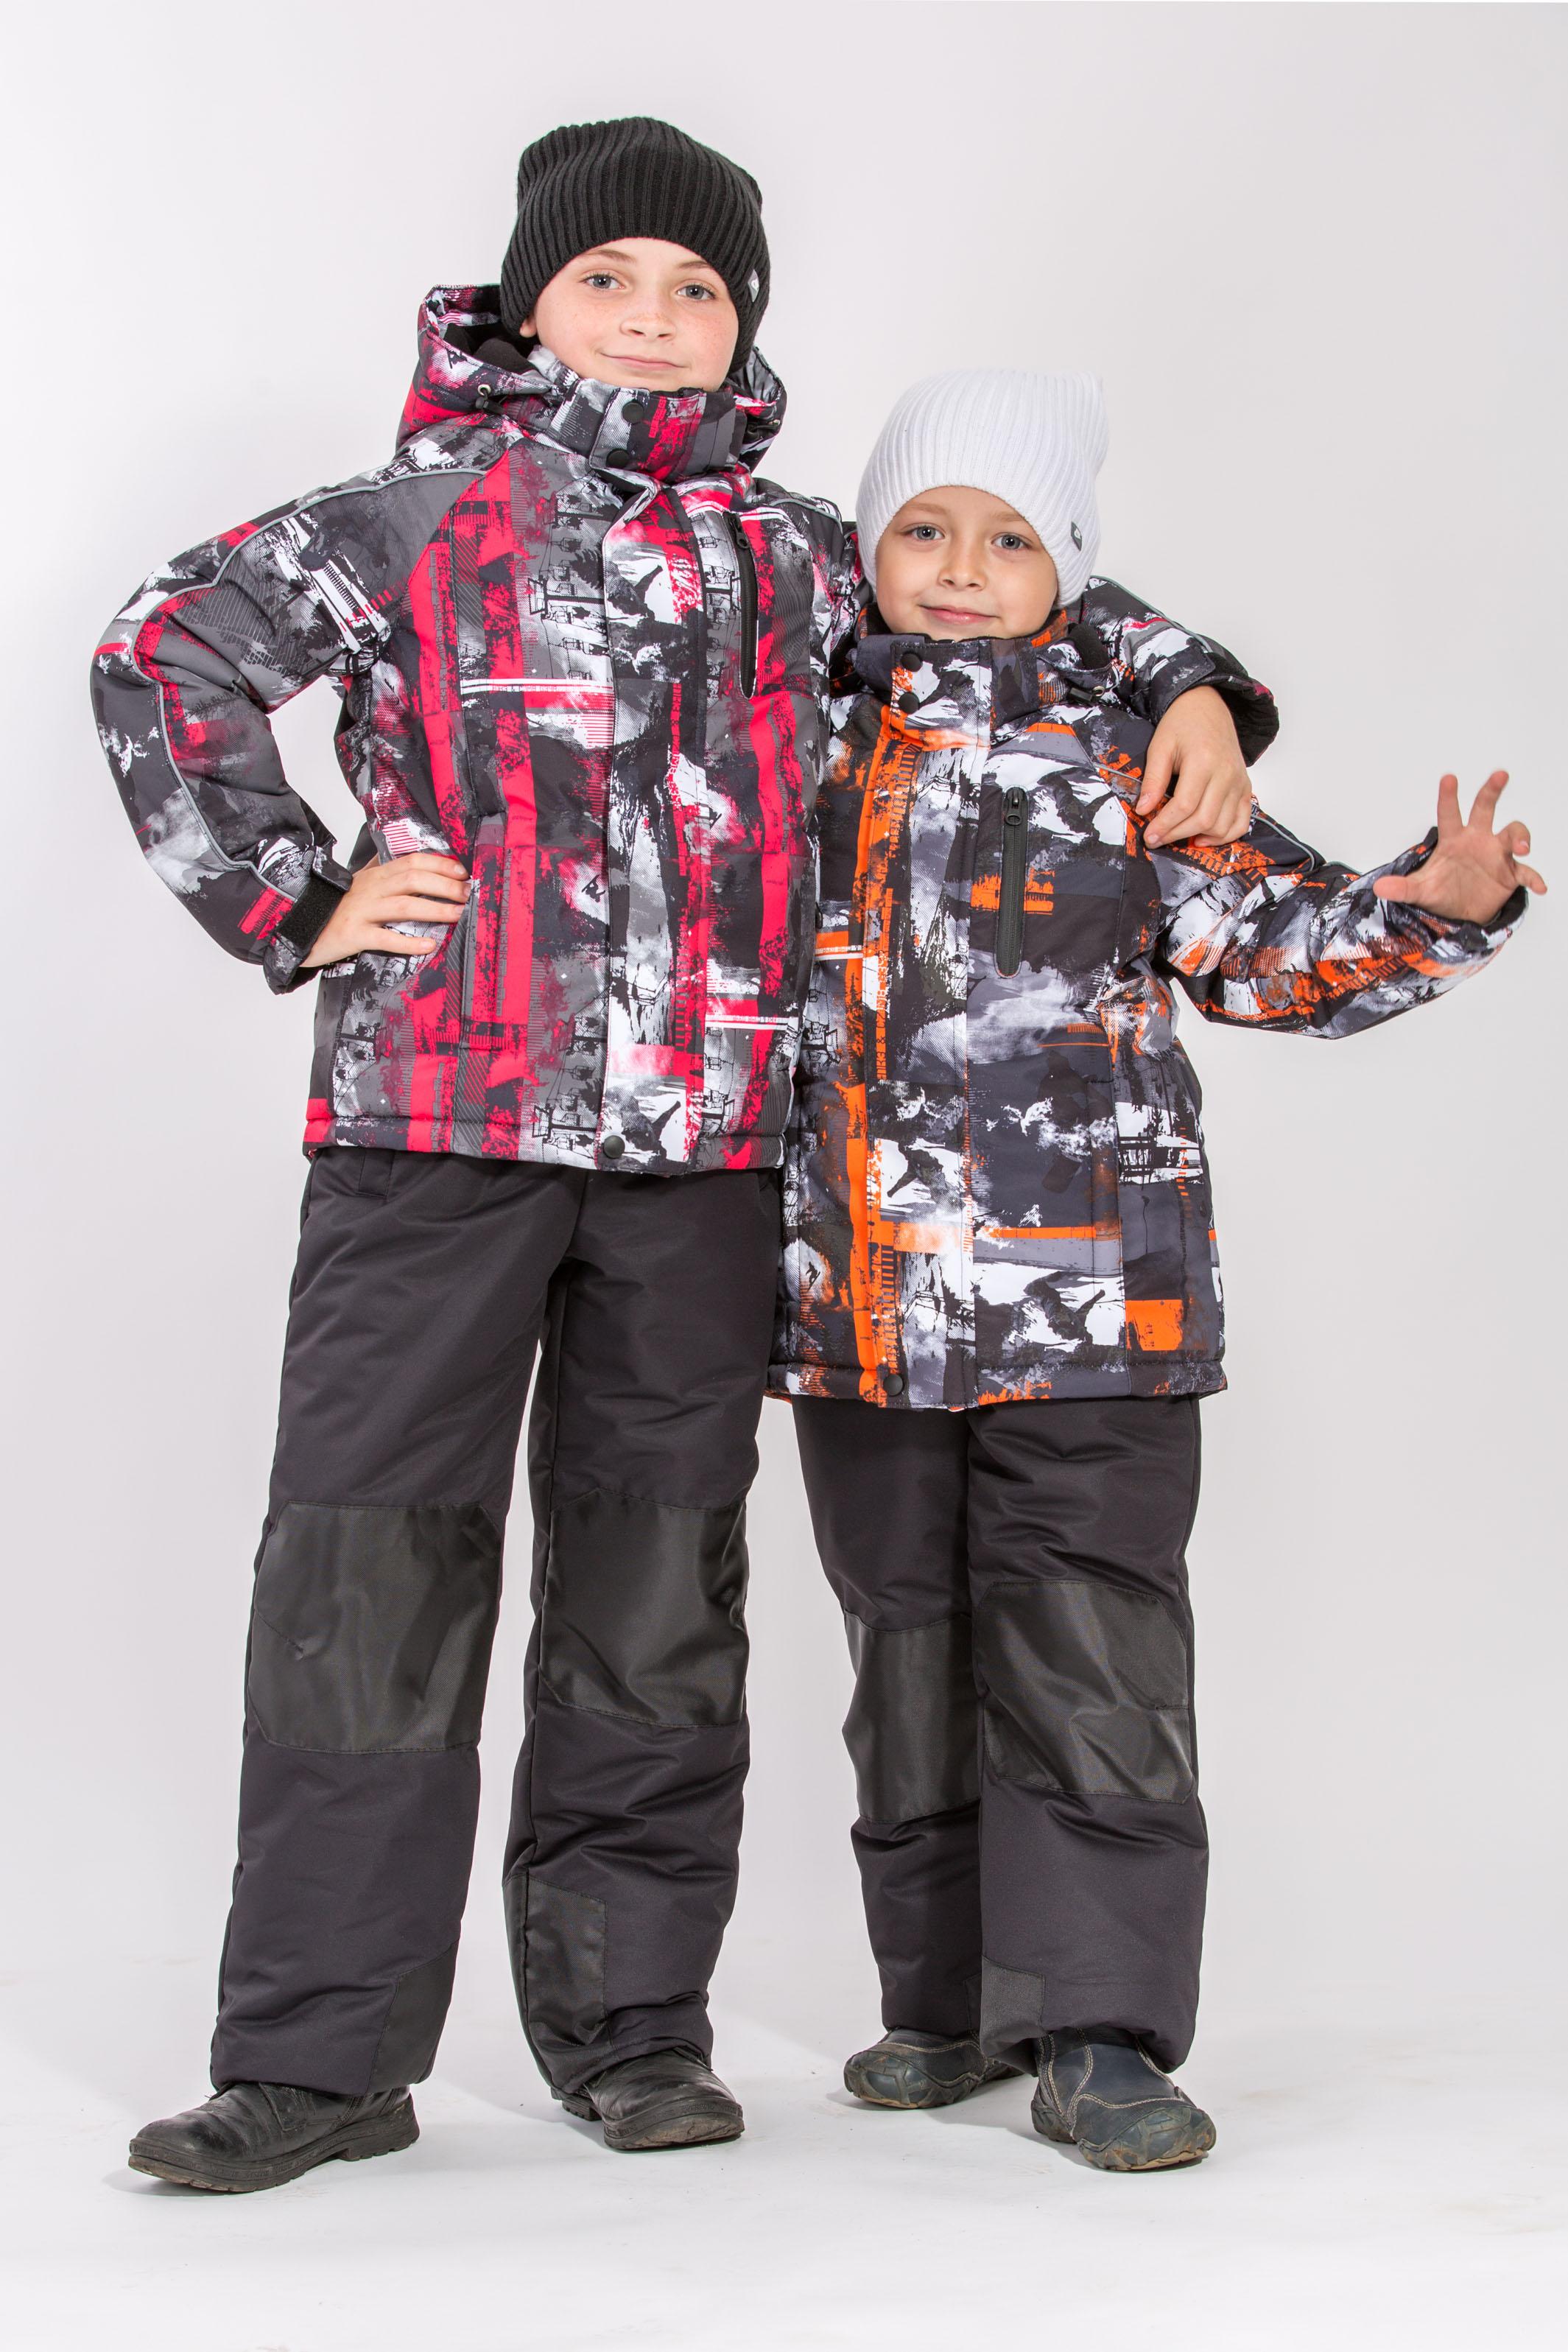 СБОР ЗАКРЫТ. Отличные детские зимние костюмы от производителя! Размеры 32-40